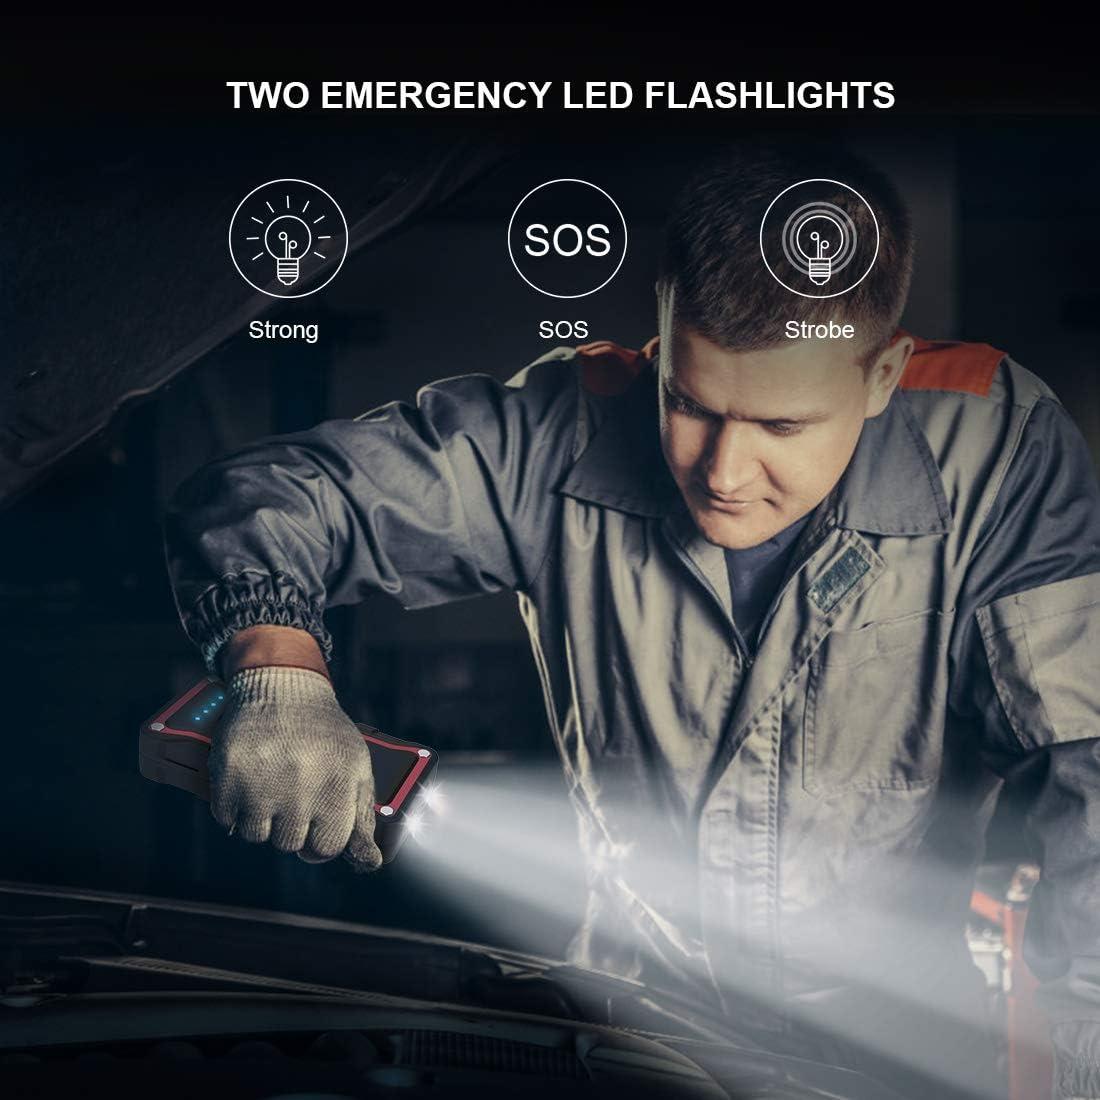 geeignet f/ür alle Benzin- oder 7.0L Diesel YABER Motorrad-Starthilfeger/ät 1500A 20000mAh Auto Emergenz Wasserdicht IP68 Jump Starter Booster mit QC 3.0 und Typ C